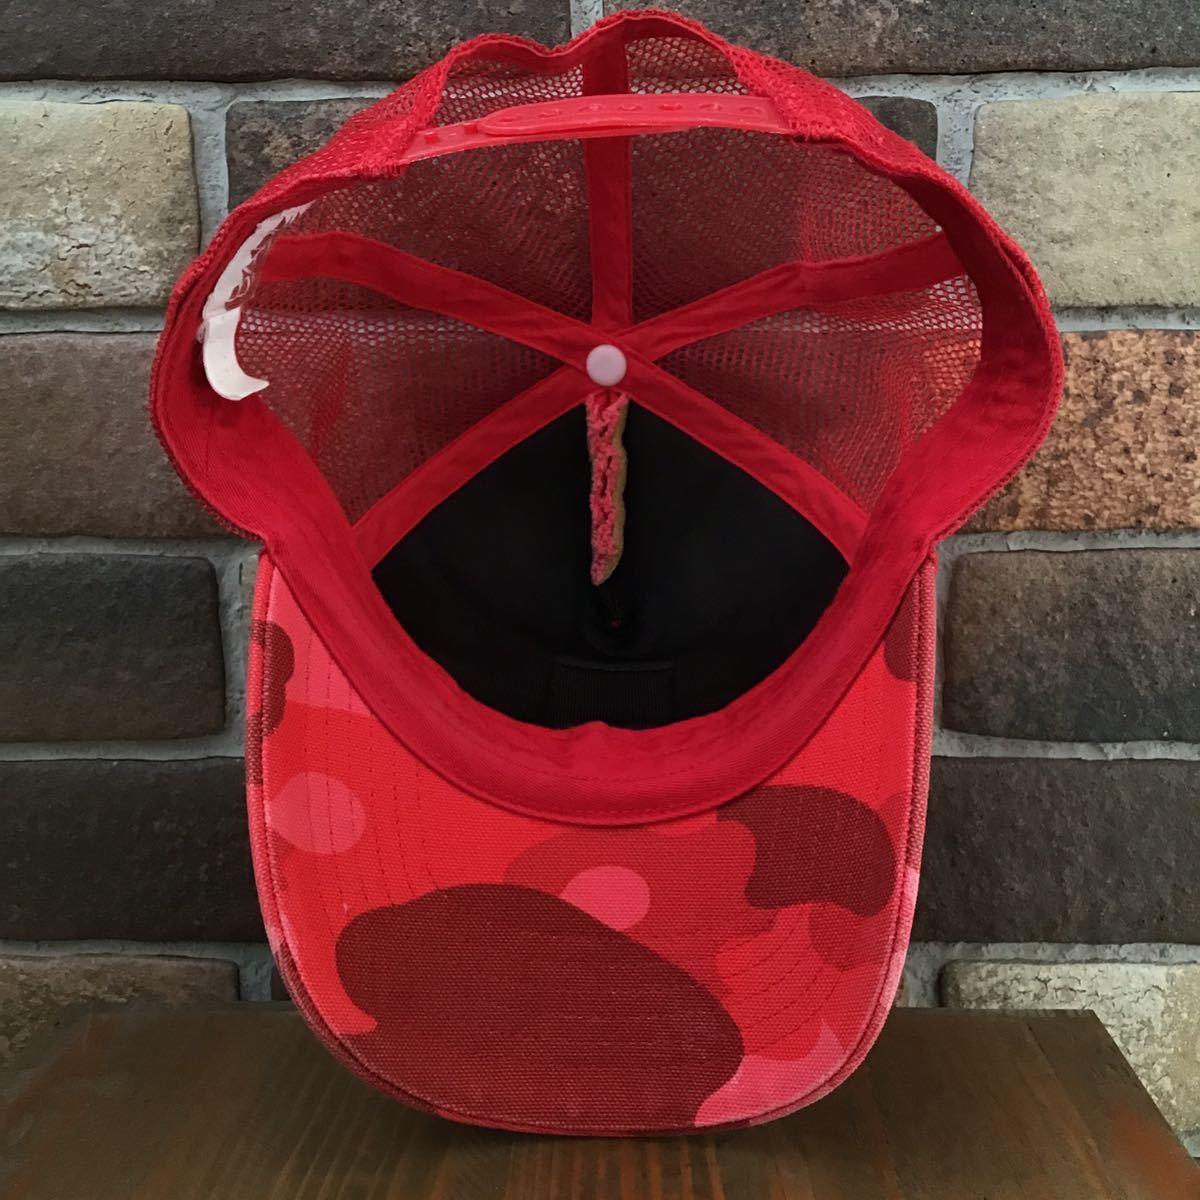 ★激レア★ carhartt × bape メッシュ キャップ カーハート a bathing ape エイプ ベイプ cap 帽子 trucker hat red camo レッドカモ 0095